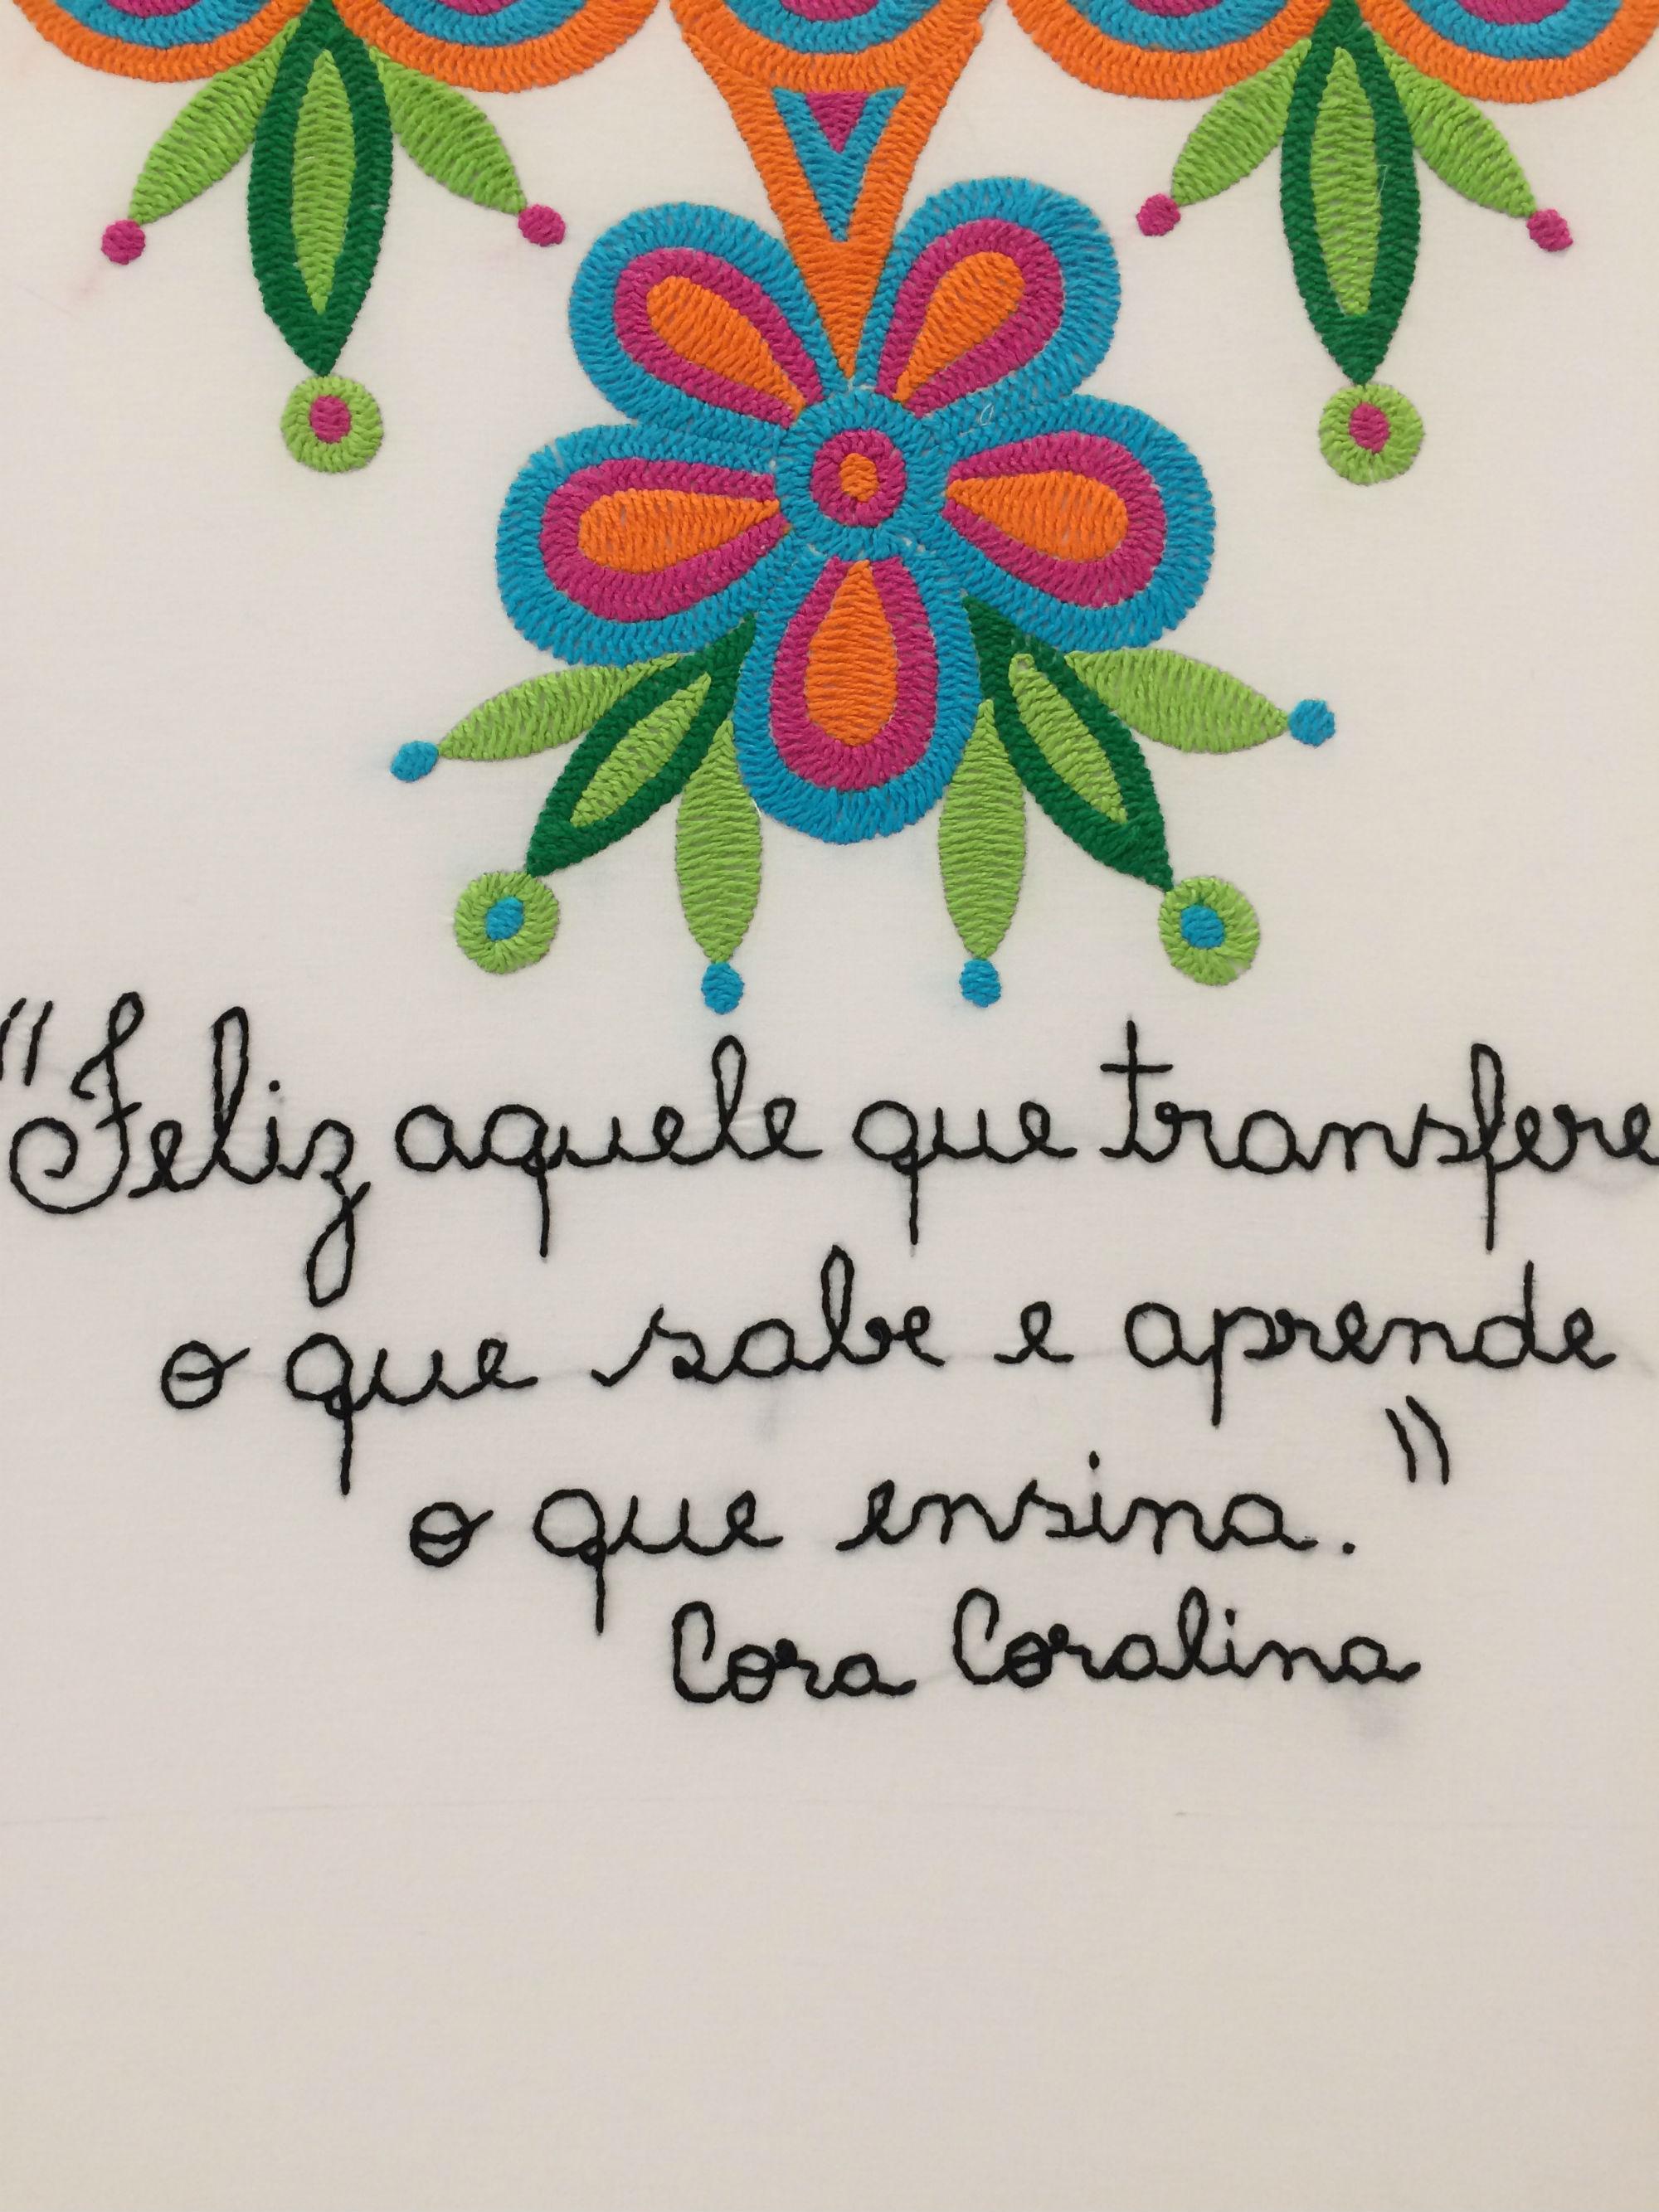 Internos e internas do sistema prisional da cidade de Goiás, resgatam o bordado em programa do Projeto Cabocla que proporciona capacitação e geração de renda: poesia de Cora Coralina em bordado livre